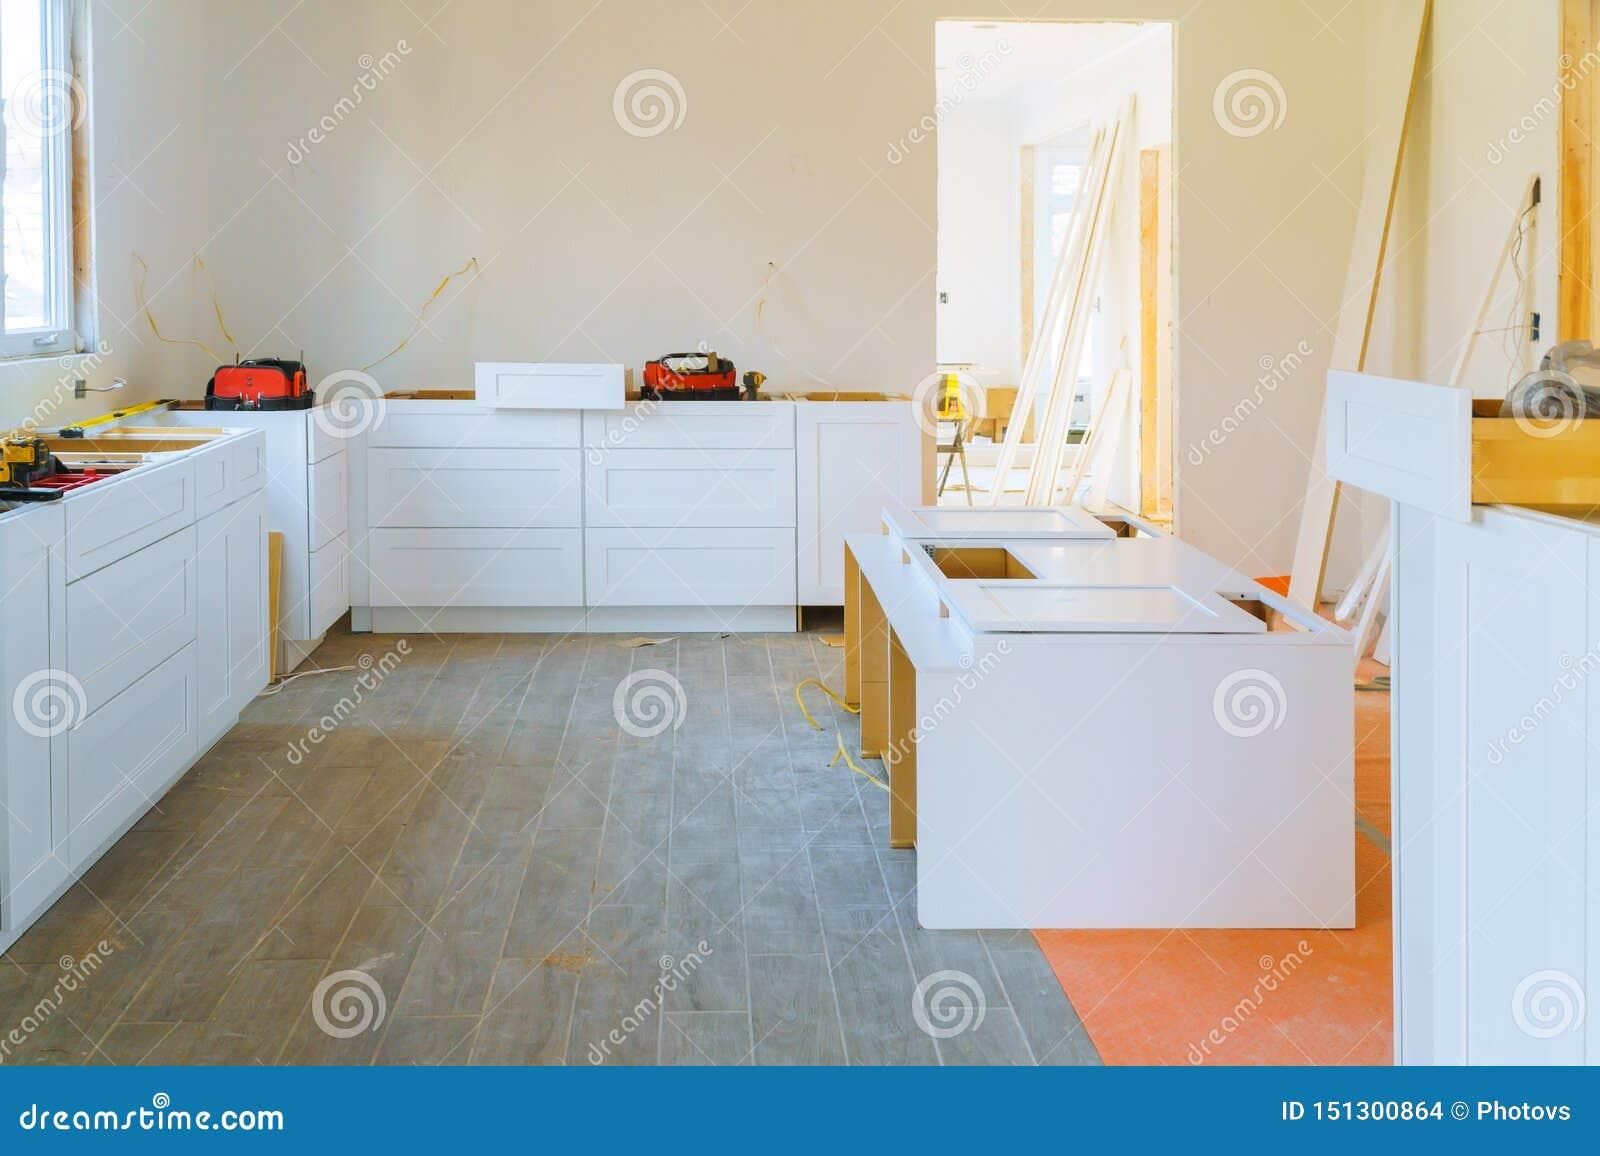 Installation Modern Kitchen Cabinet Of Furniture Details Stock